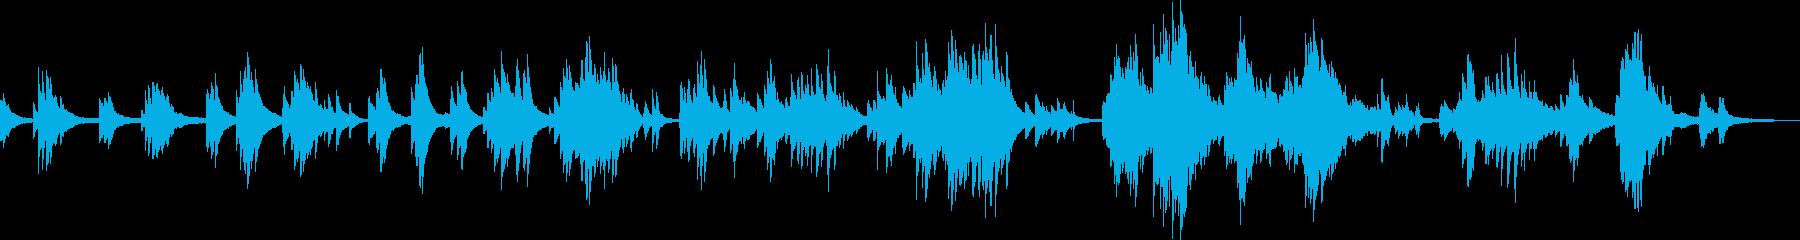 語りかけるような優しいピアノソロ曲の再生済みの波形